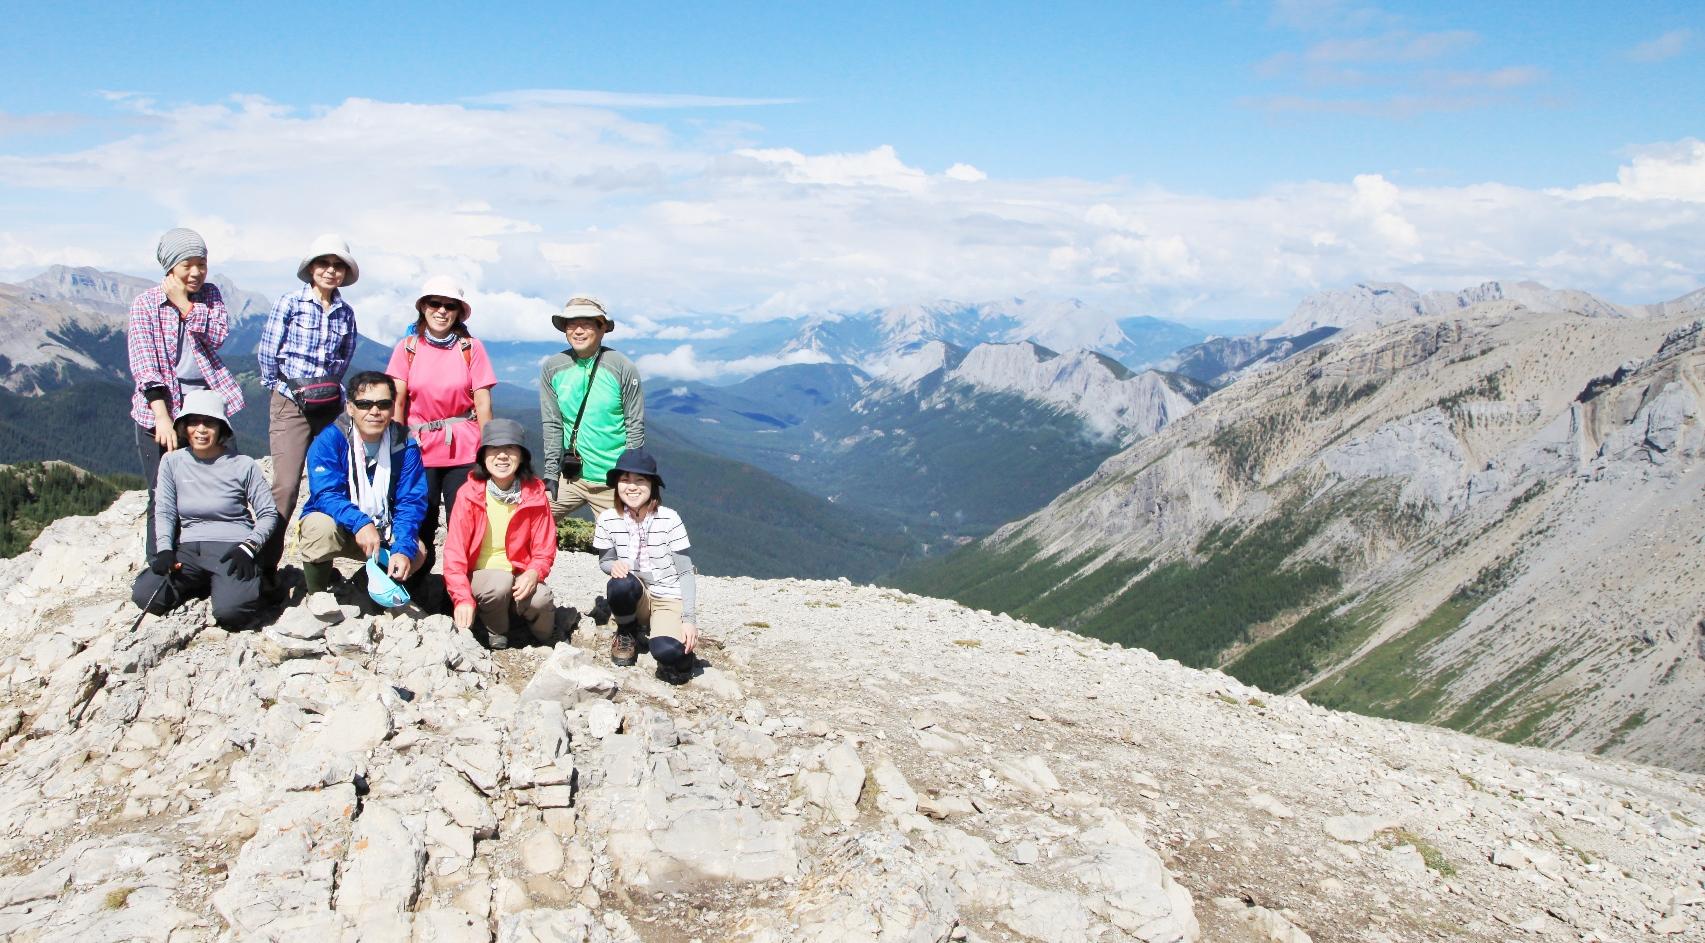 360度の大展望が広がるサルファー・スカイライン・サミット山頂で記念撮影(4日目)